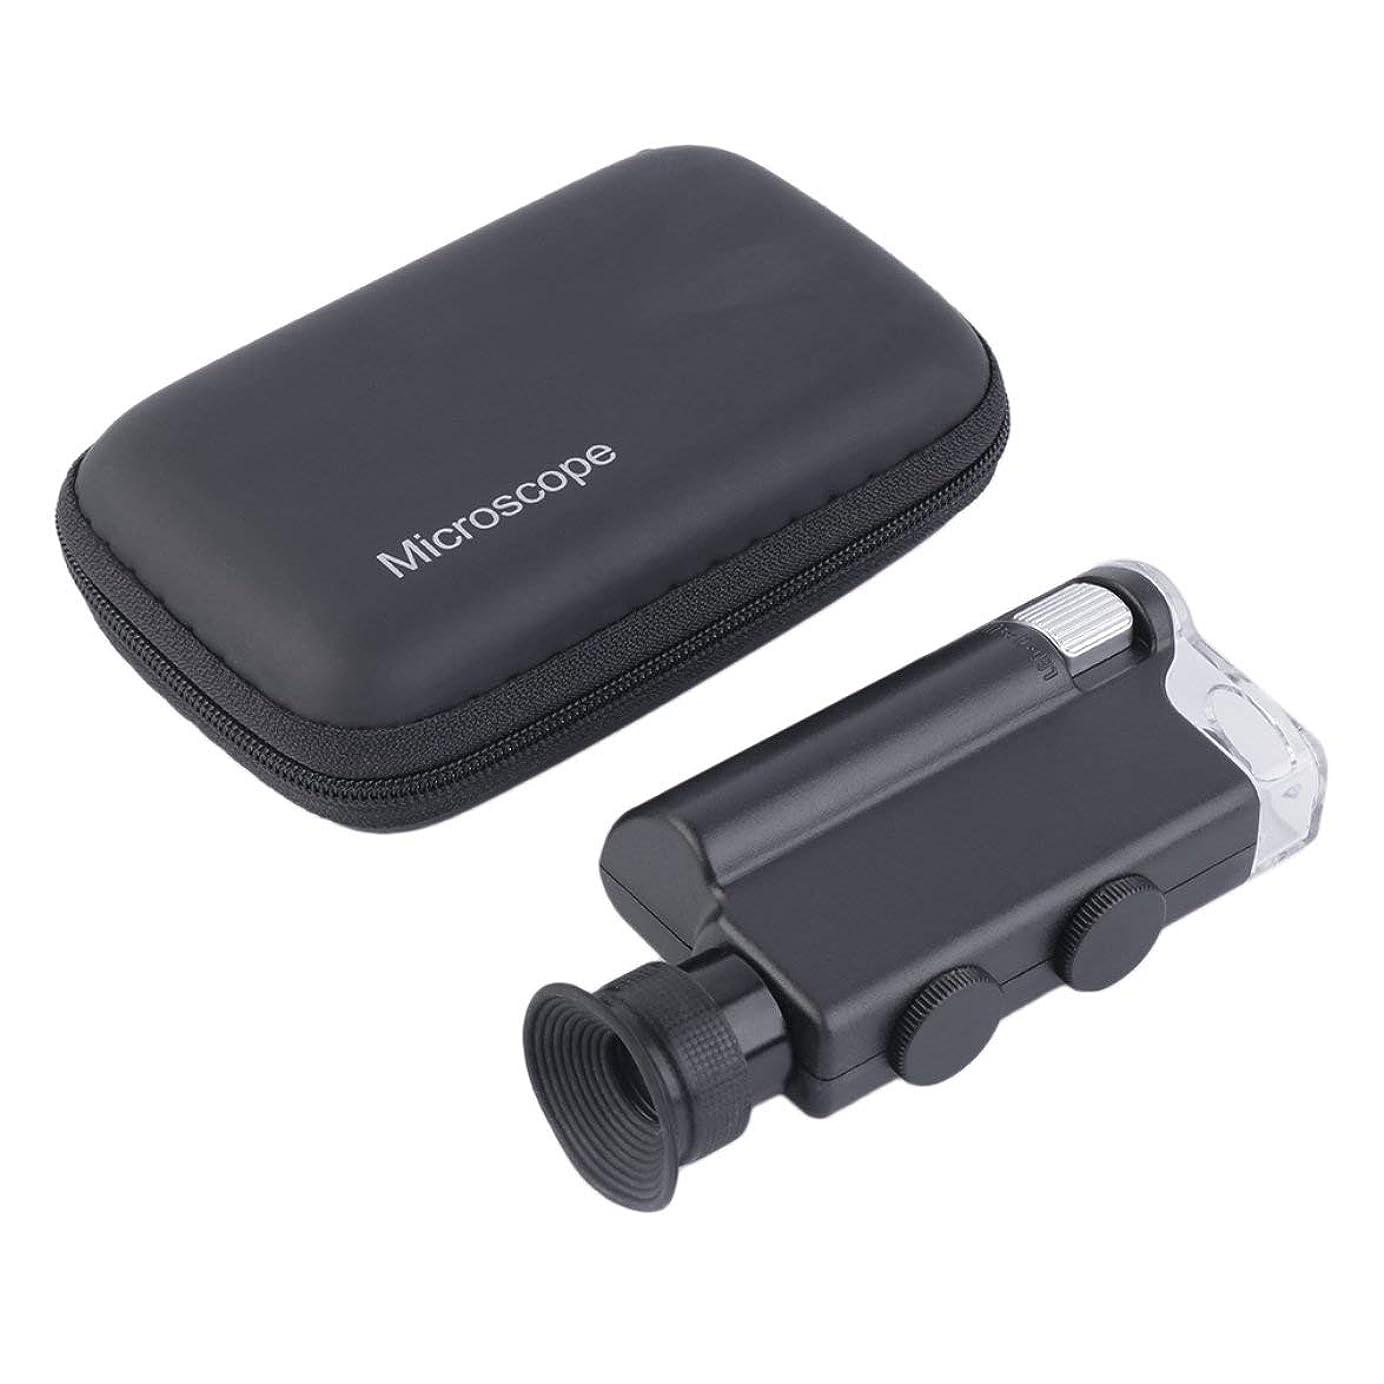 うつ確かなトリッキー新しいミニポータブル顕微鏡ポケット200X?240XハンドヘルドLEDランプライトルーペズーム拡大鏡拡大鏡ポケットレンズ-ブラック